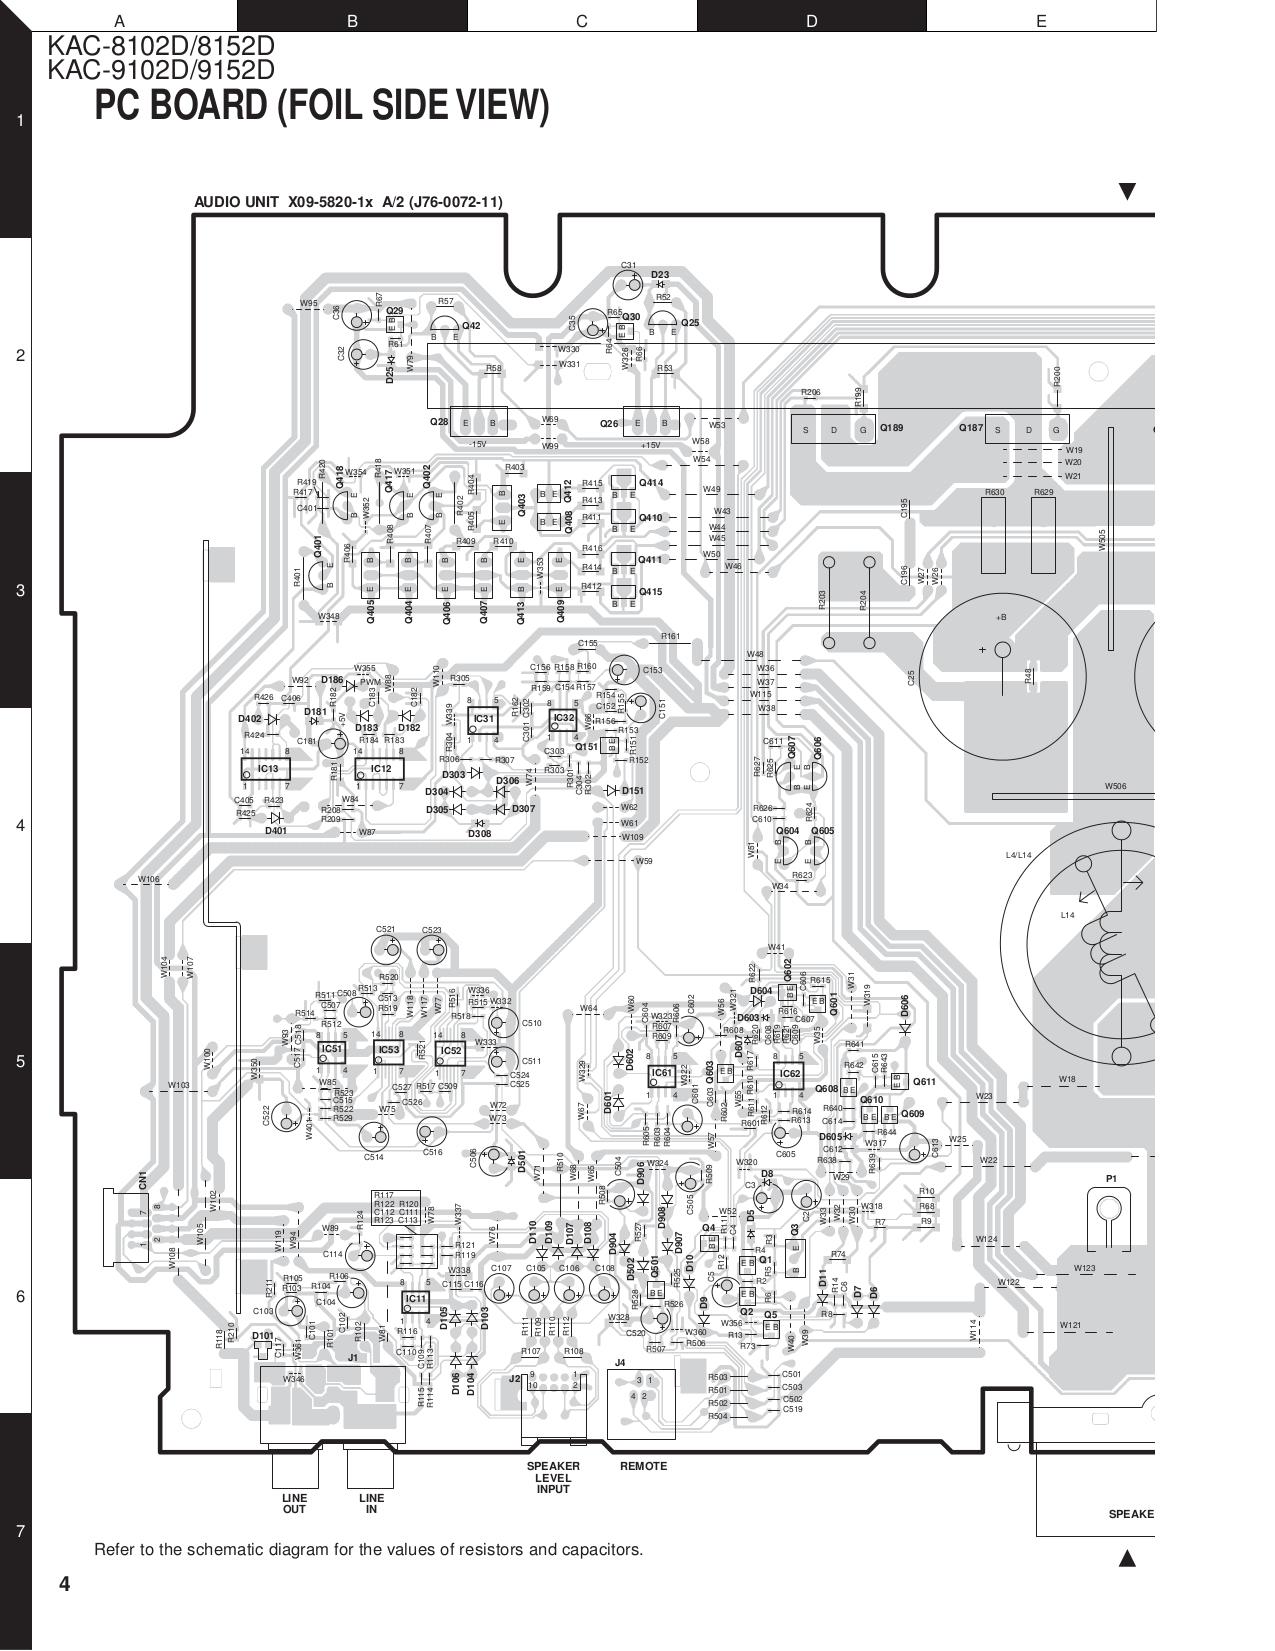 Wiring Diagram For Kenwood Amp : Pdf manual for kenwood amp kac